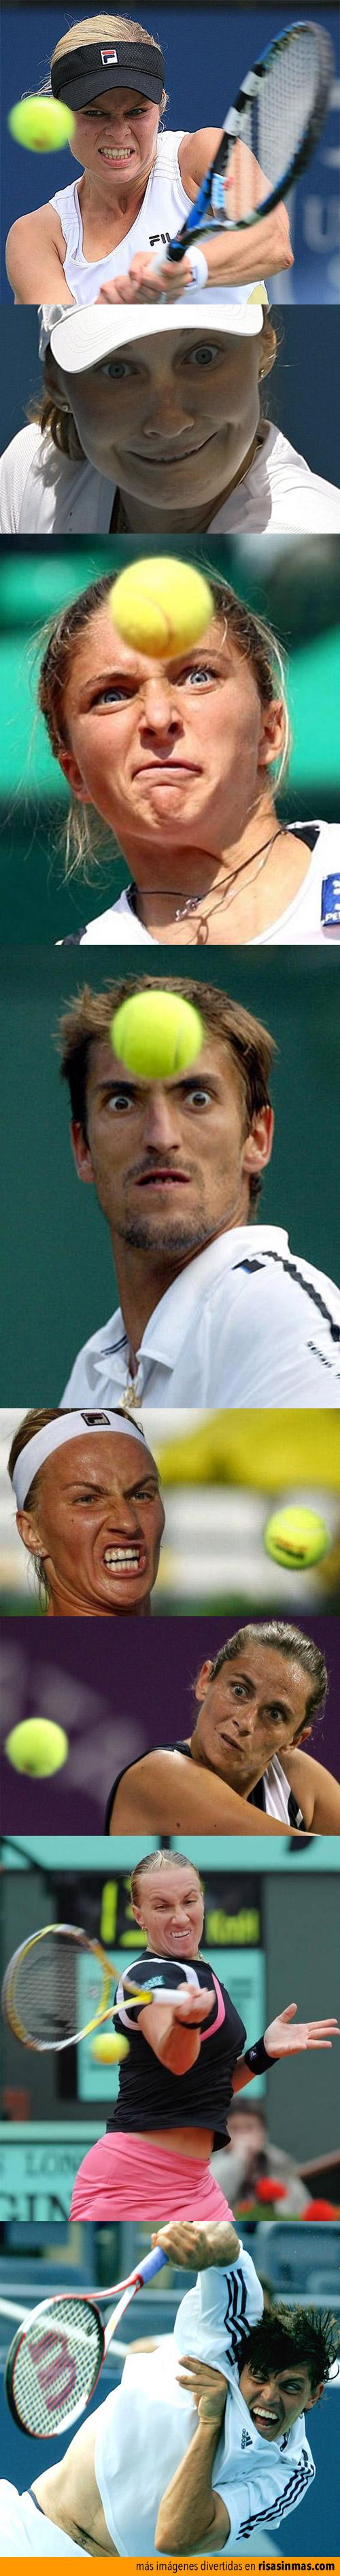 Caras de tenis